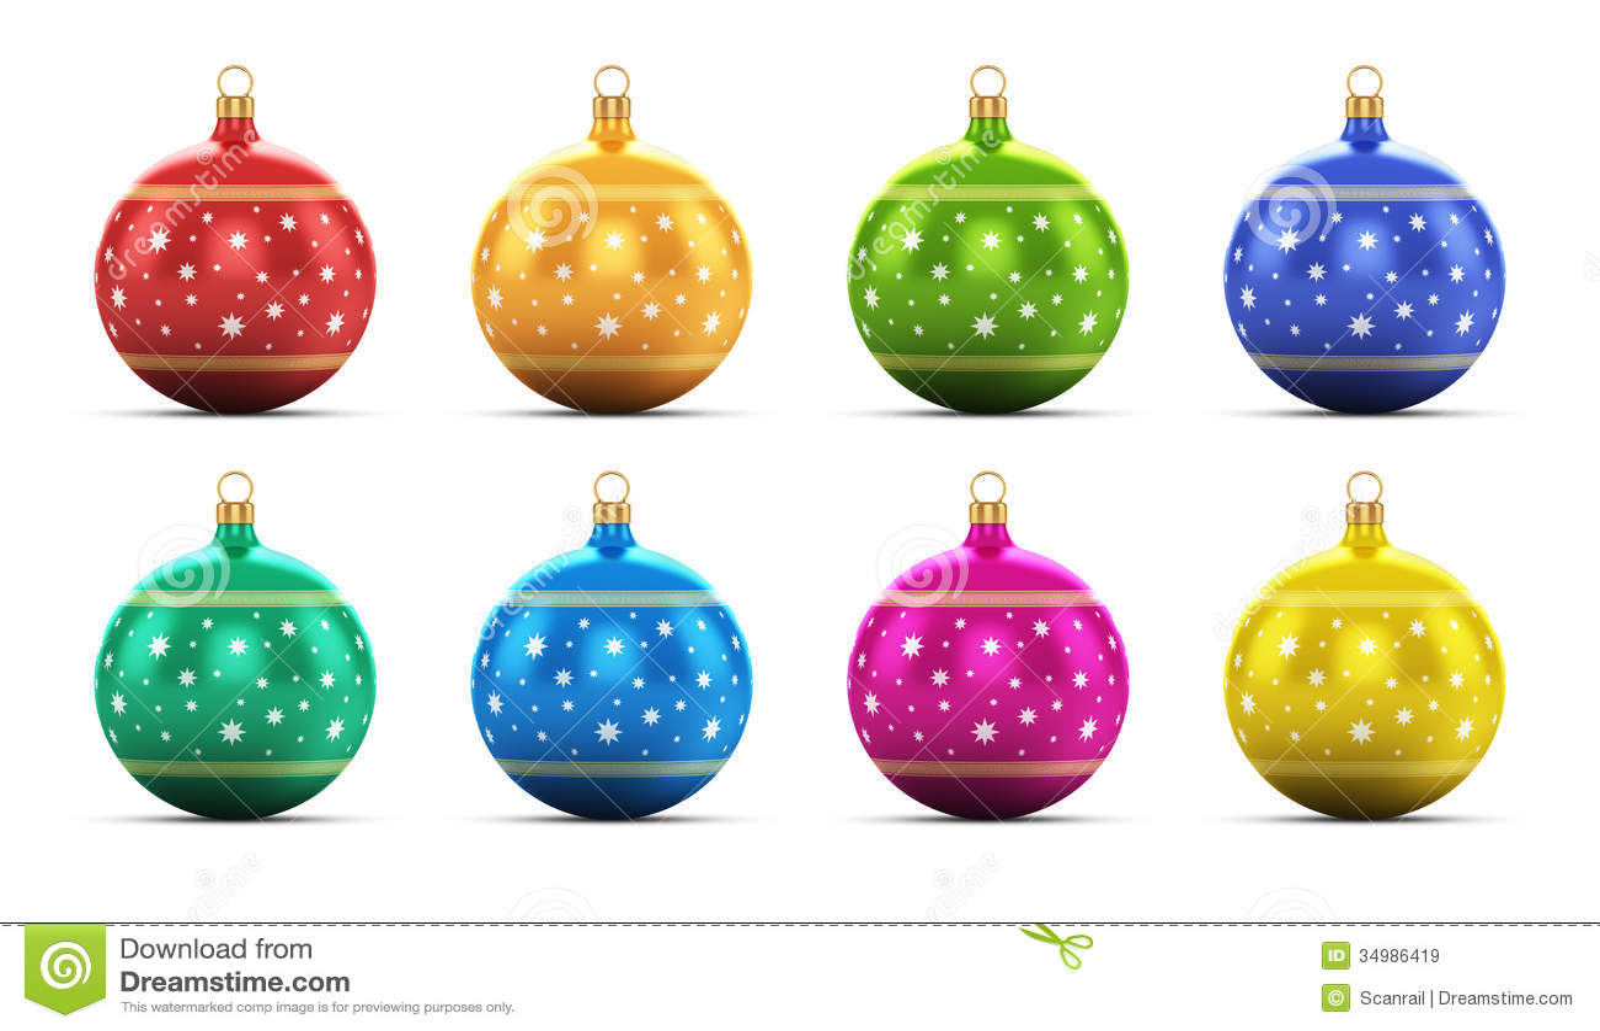 Christmas Tree Ball Colors : Set of color christmas balls stock illustration image